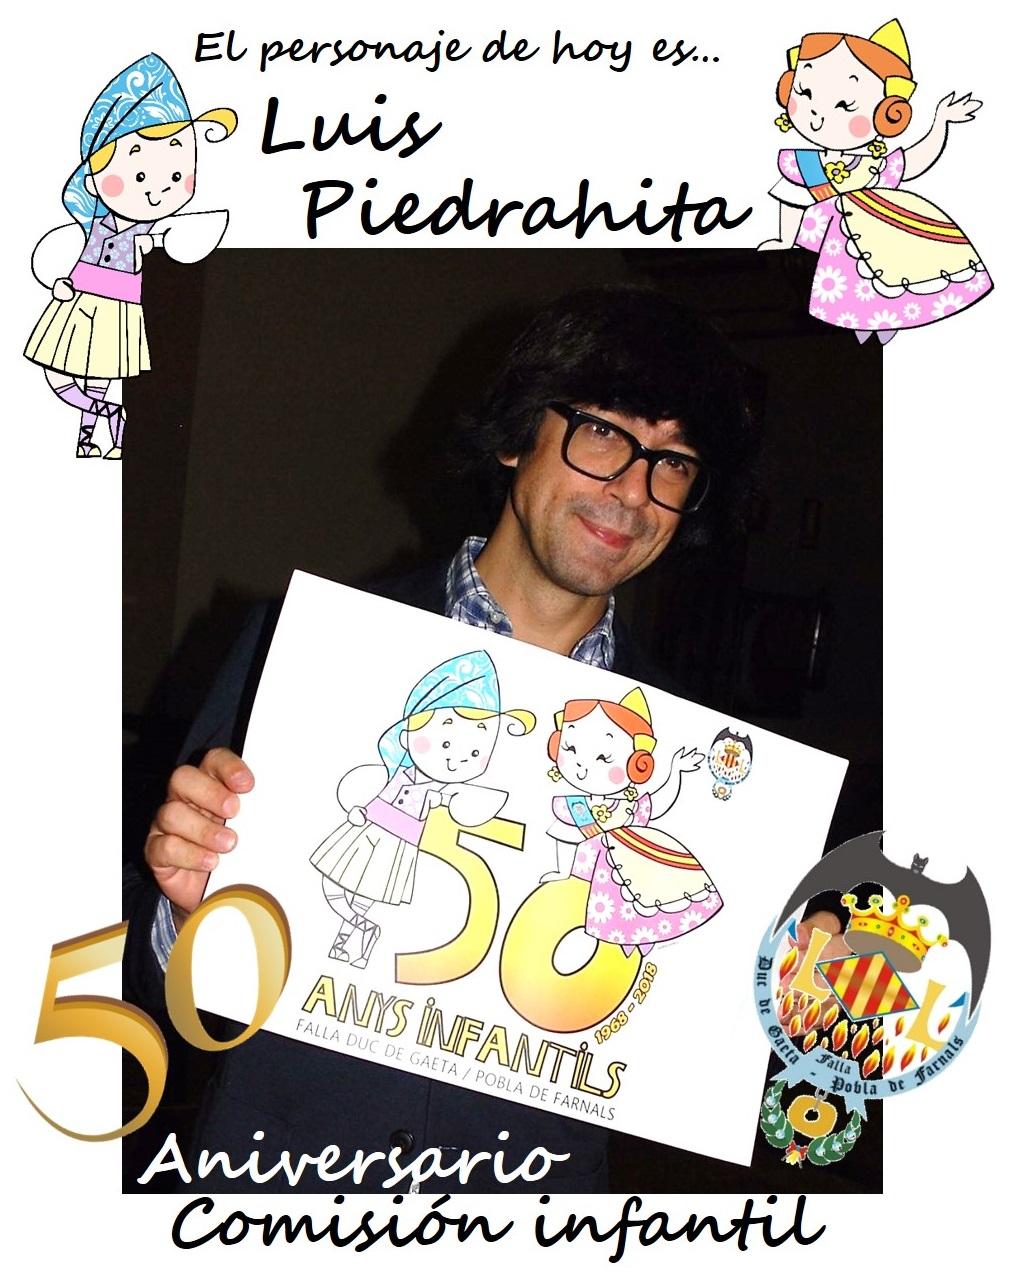 Personaje del día: Luis Piedrahita